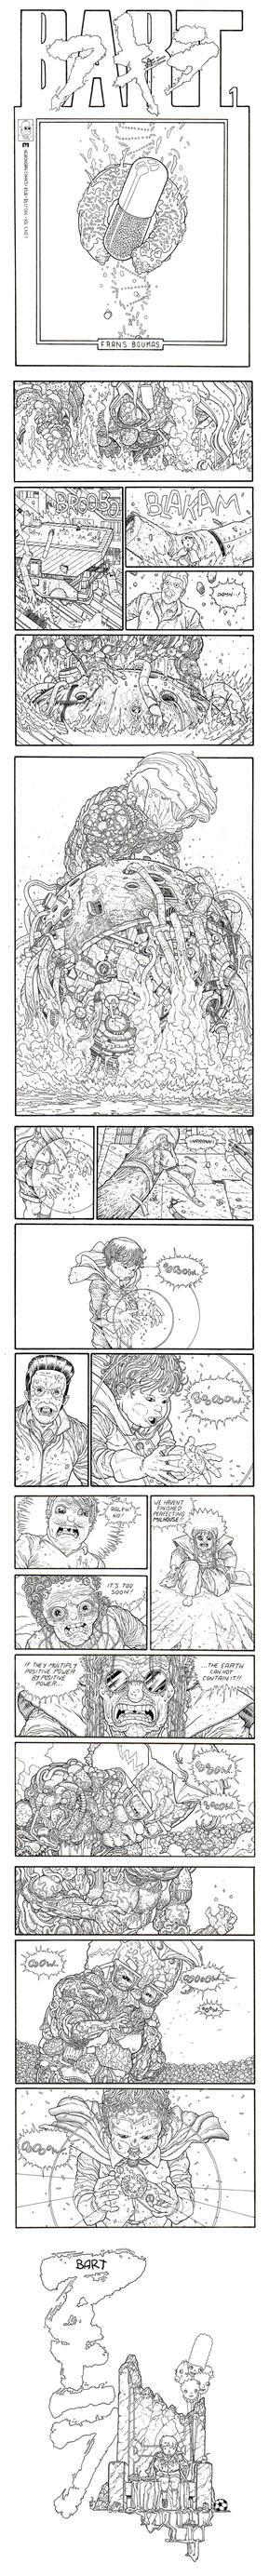 BARTKIRA - Vol.6 pg.261-265 by RottenOak